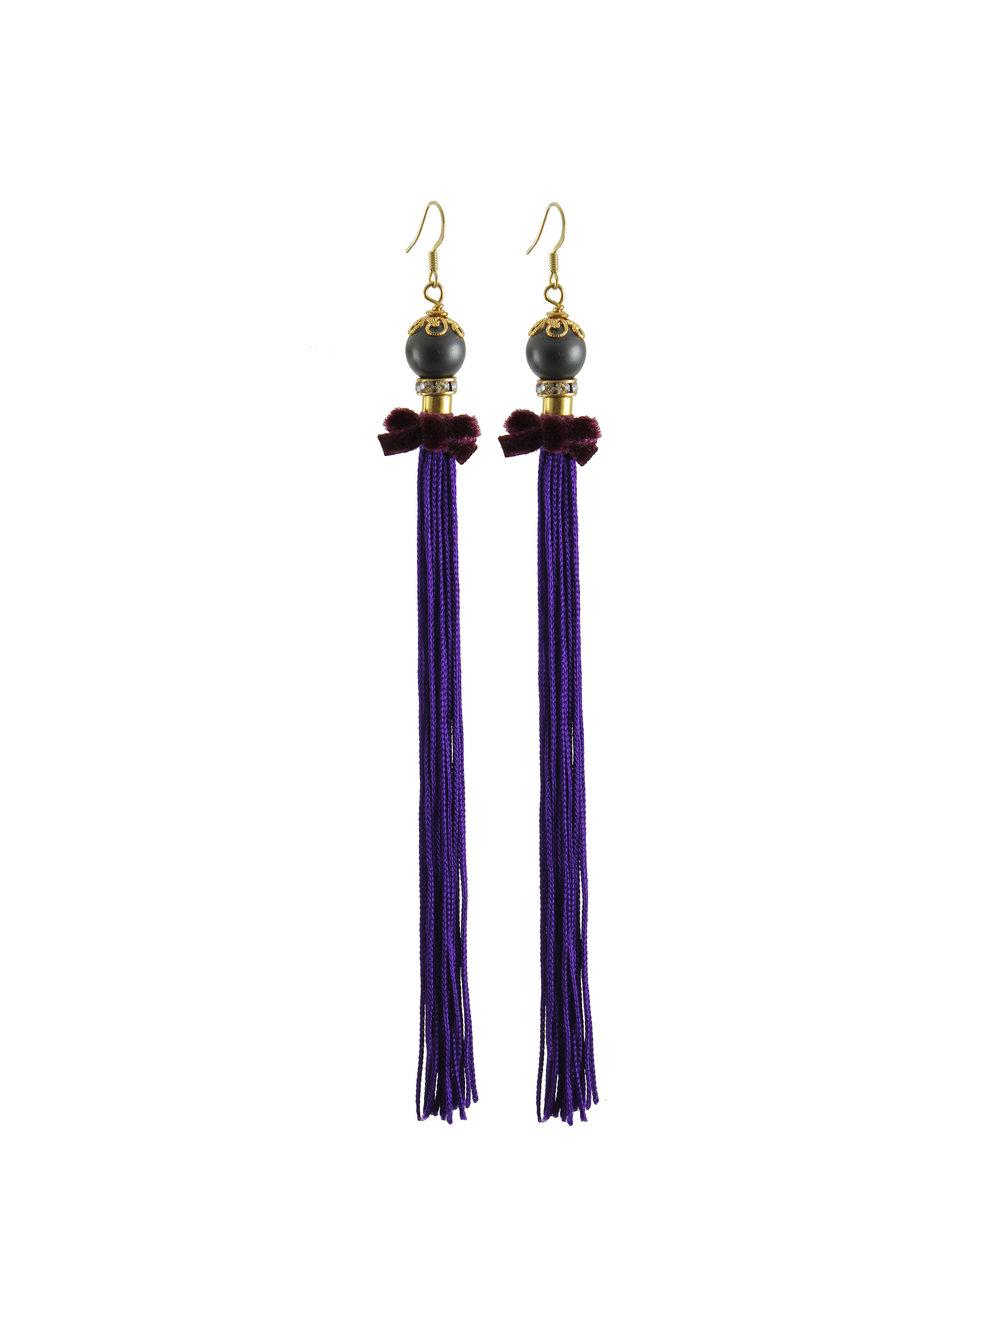 067P - Pearl & Tassel Earrings - Purple.jpg